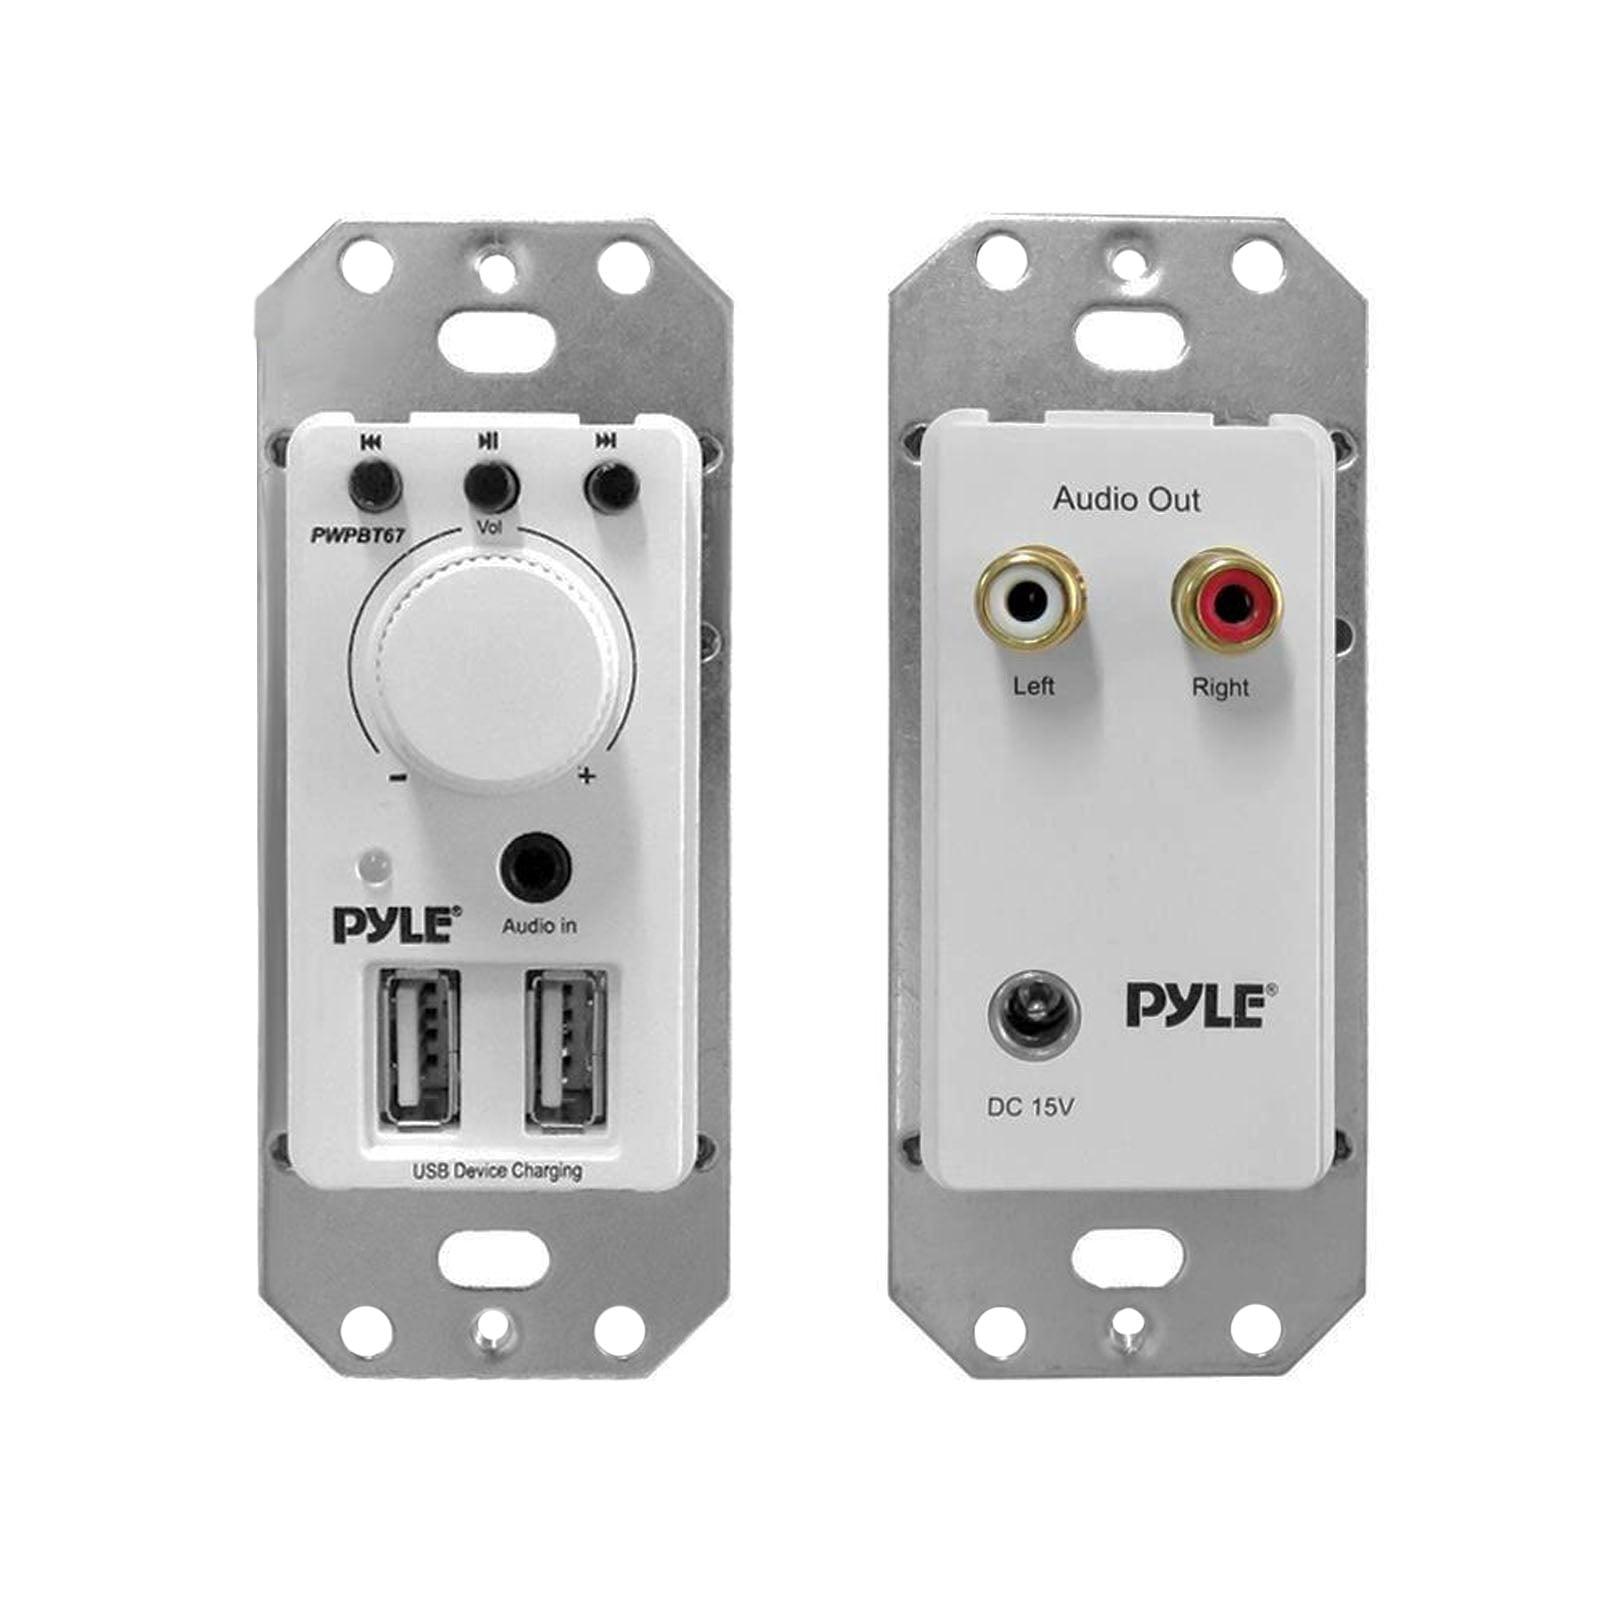 Teatro En Casa Pyle Bluetooth Audio receptor USB Dual dispositivo cargador entrada Aux para equipos de sonido en la pared + Pyle en VeoyCompro.com.co